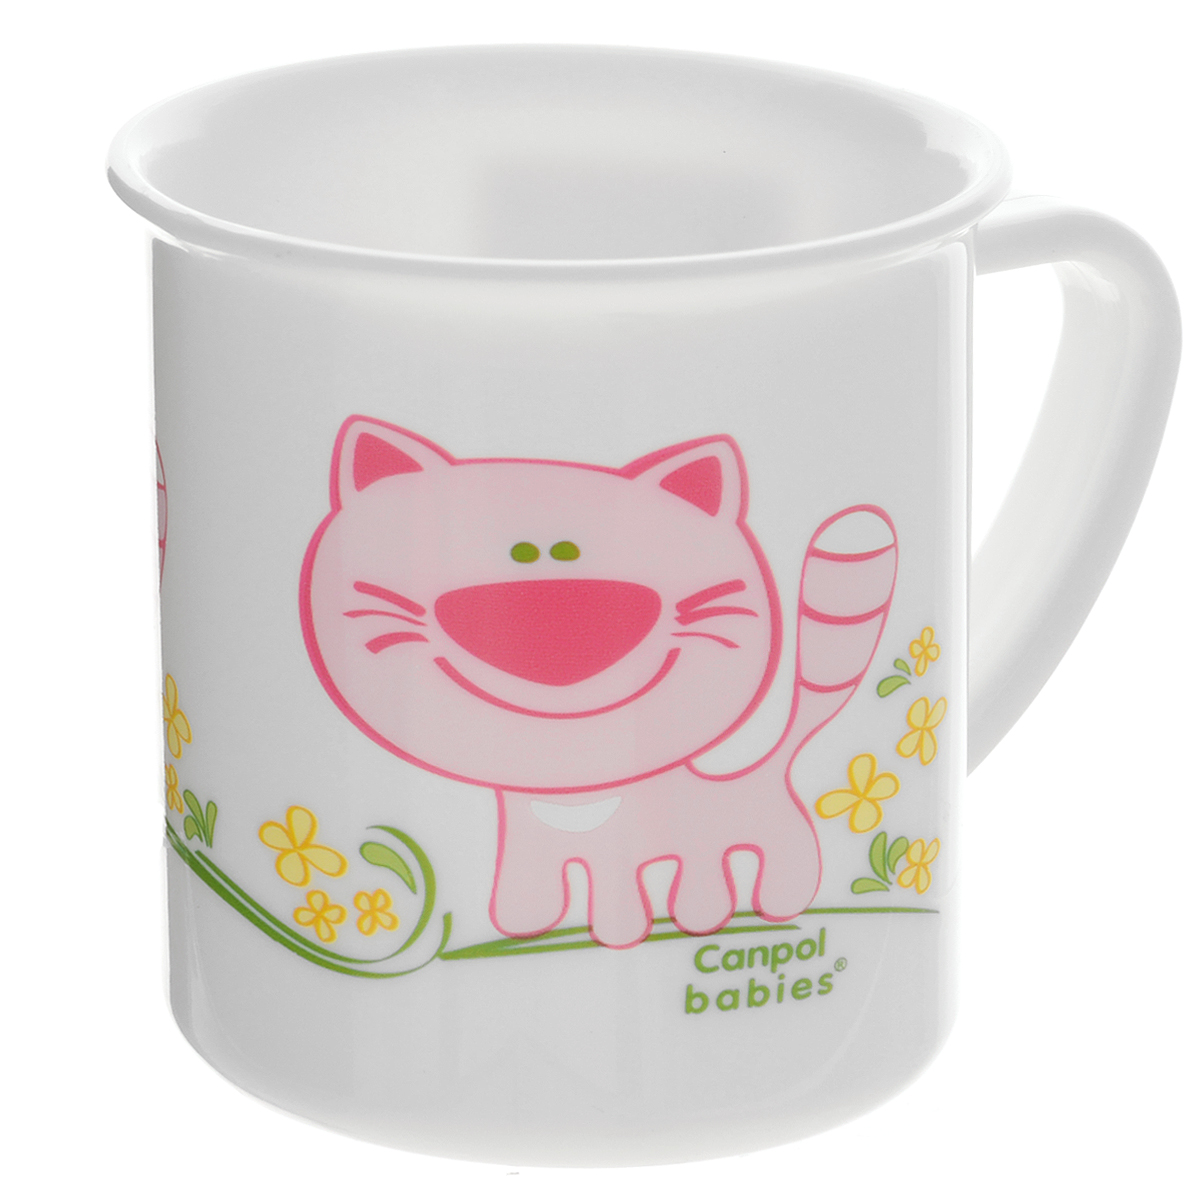 Canpol Babies Чашка детская Котенок цвет розовый4/413_розовый/котенокДетская чашка Canpol Babies предназначена для того, чтобы приучить малыша пить из посуды для взрослых. Чашка выполнена из безопасного полипропилена и оформлена изображением забавного котика.Чашка выглядит совсем как обычная, однако она меньше по объему. Если случайно малыш уронит чашку, то она не разобьется.